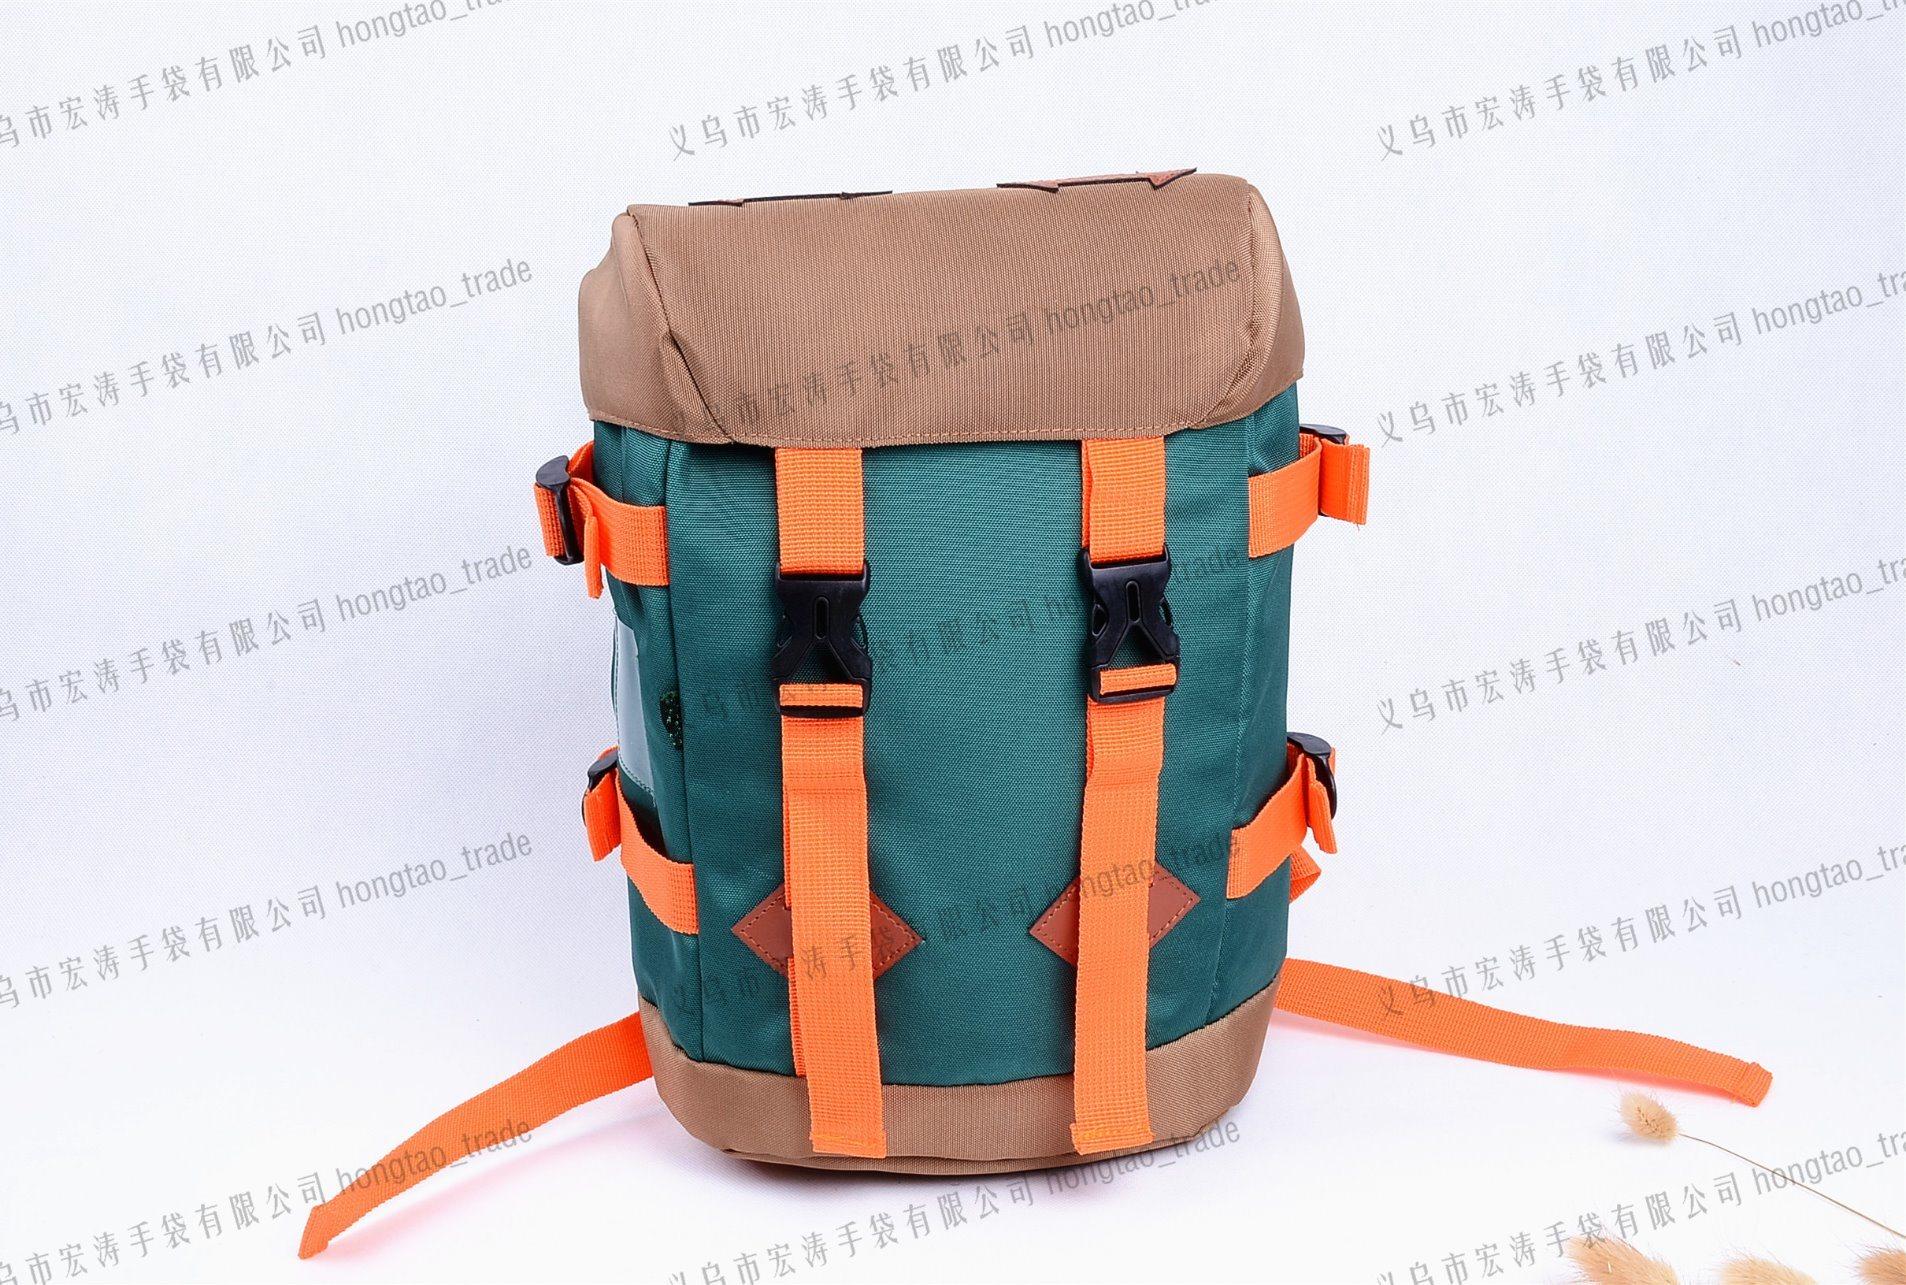 900d Nylon Waterproof Korean Style School Cover Bag Backpack